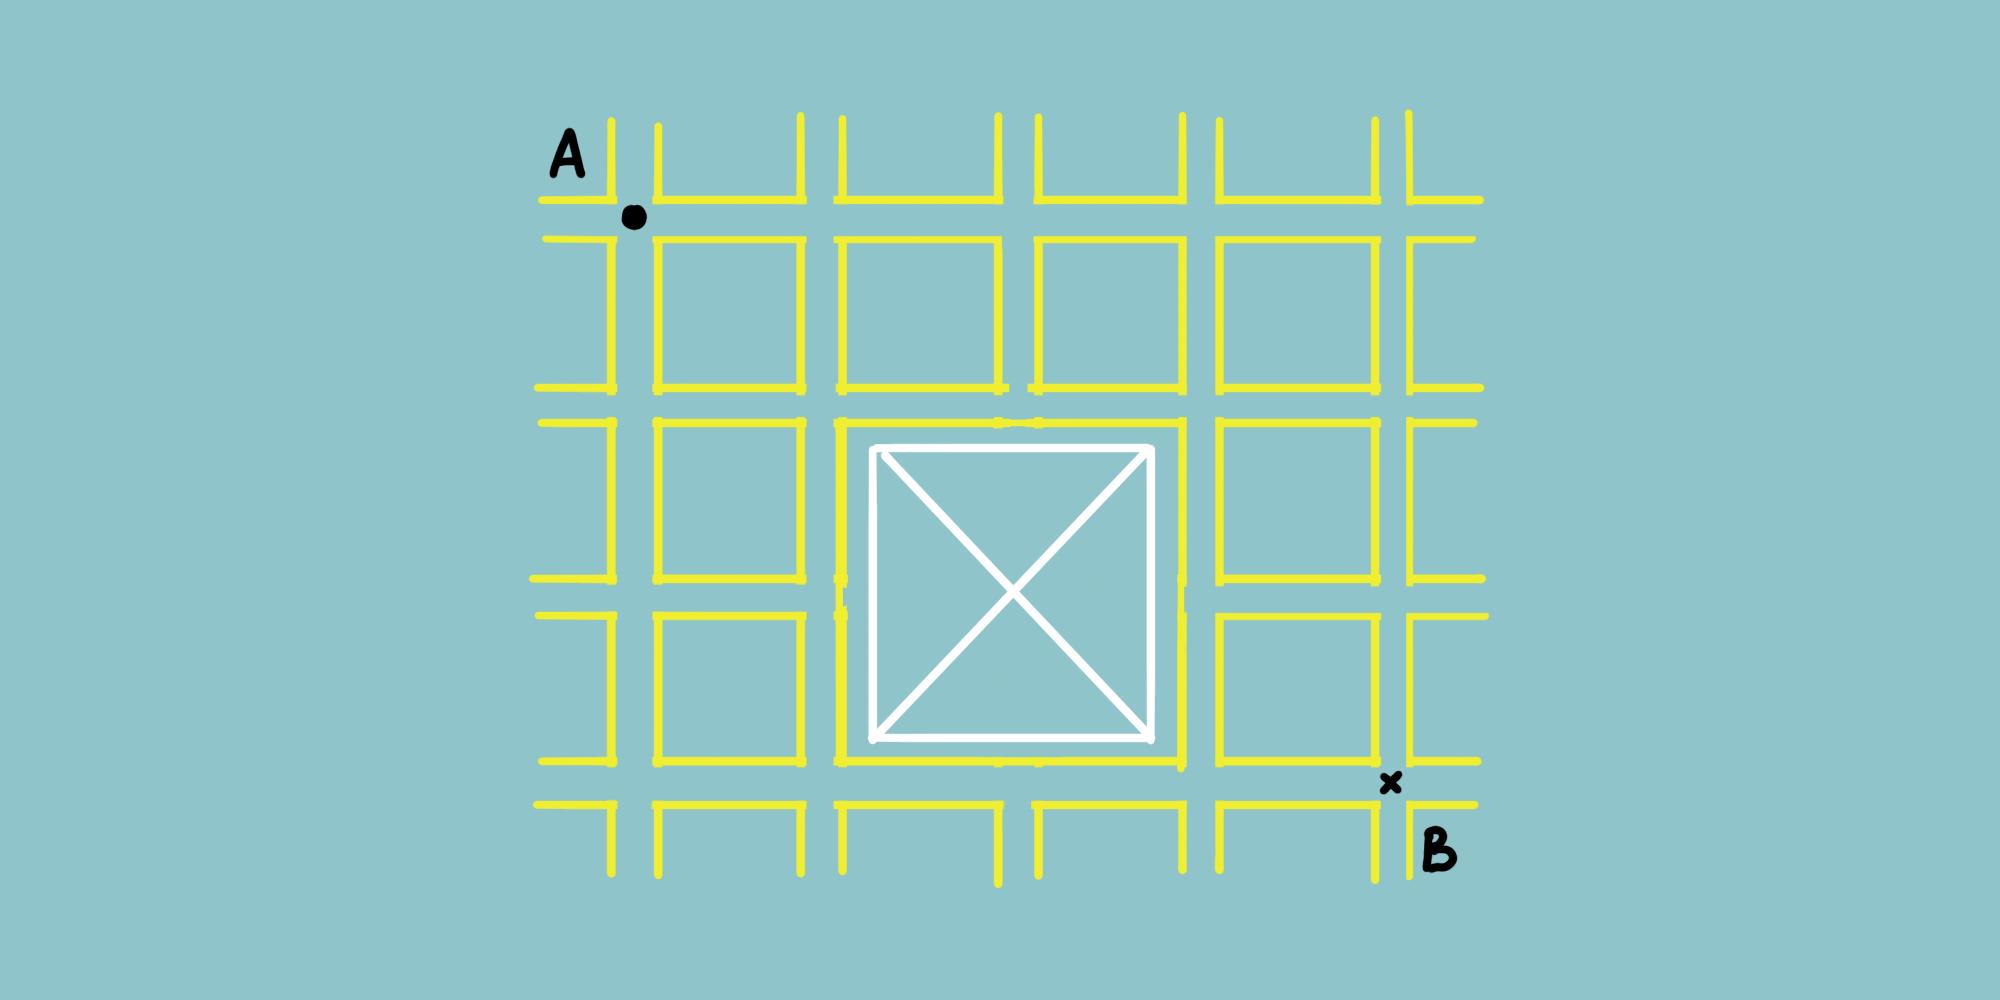 Задачи и головоломки с решением алгоритм решения оптимизации задач